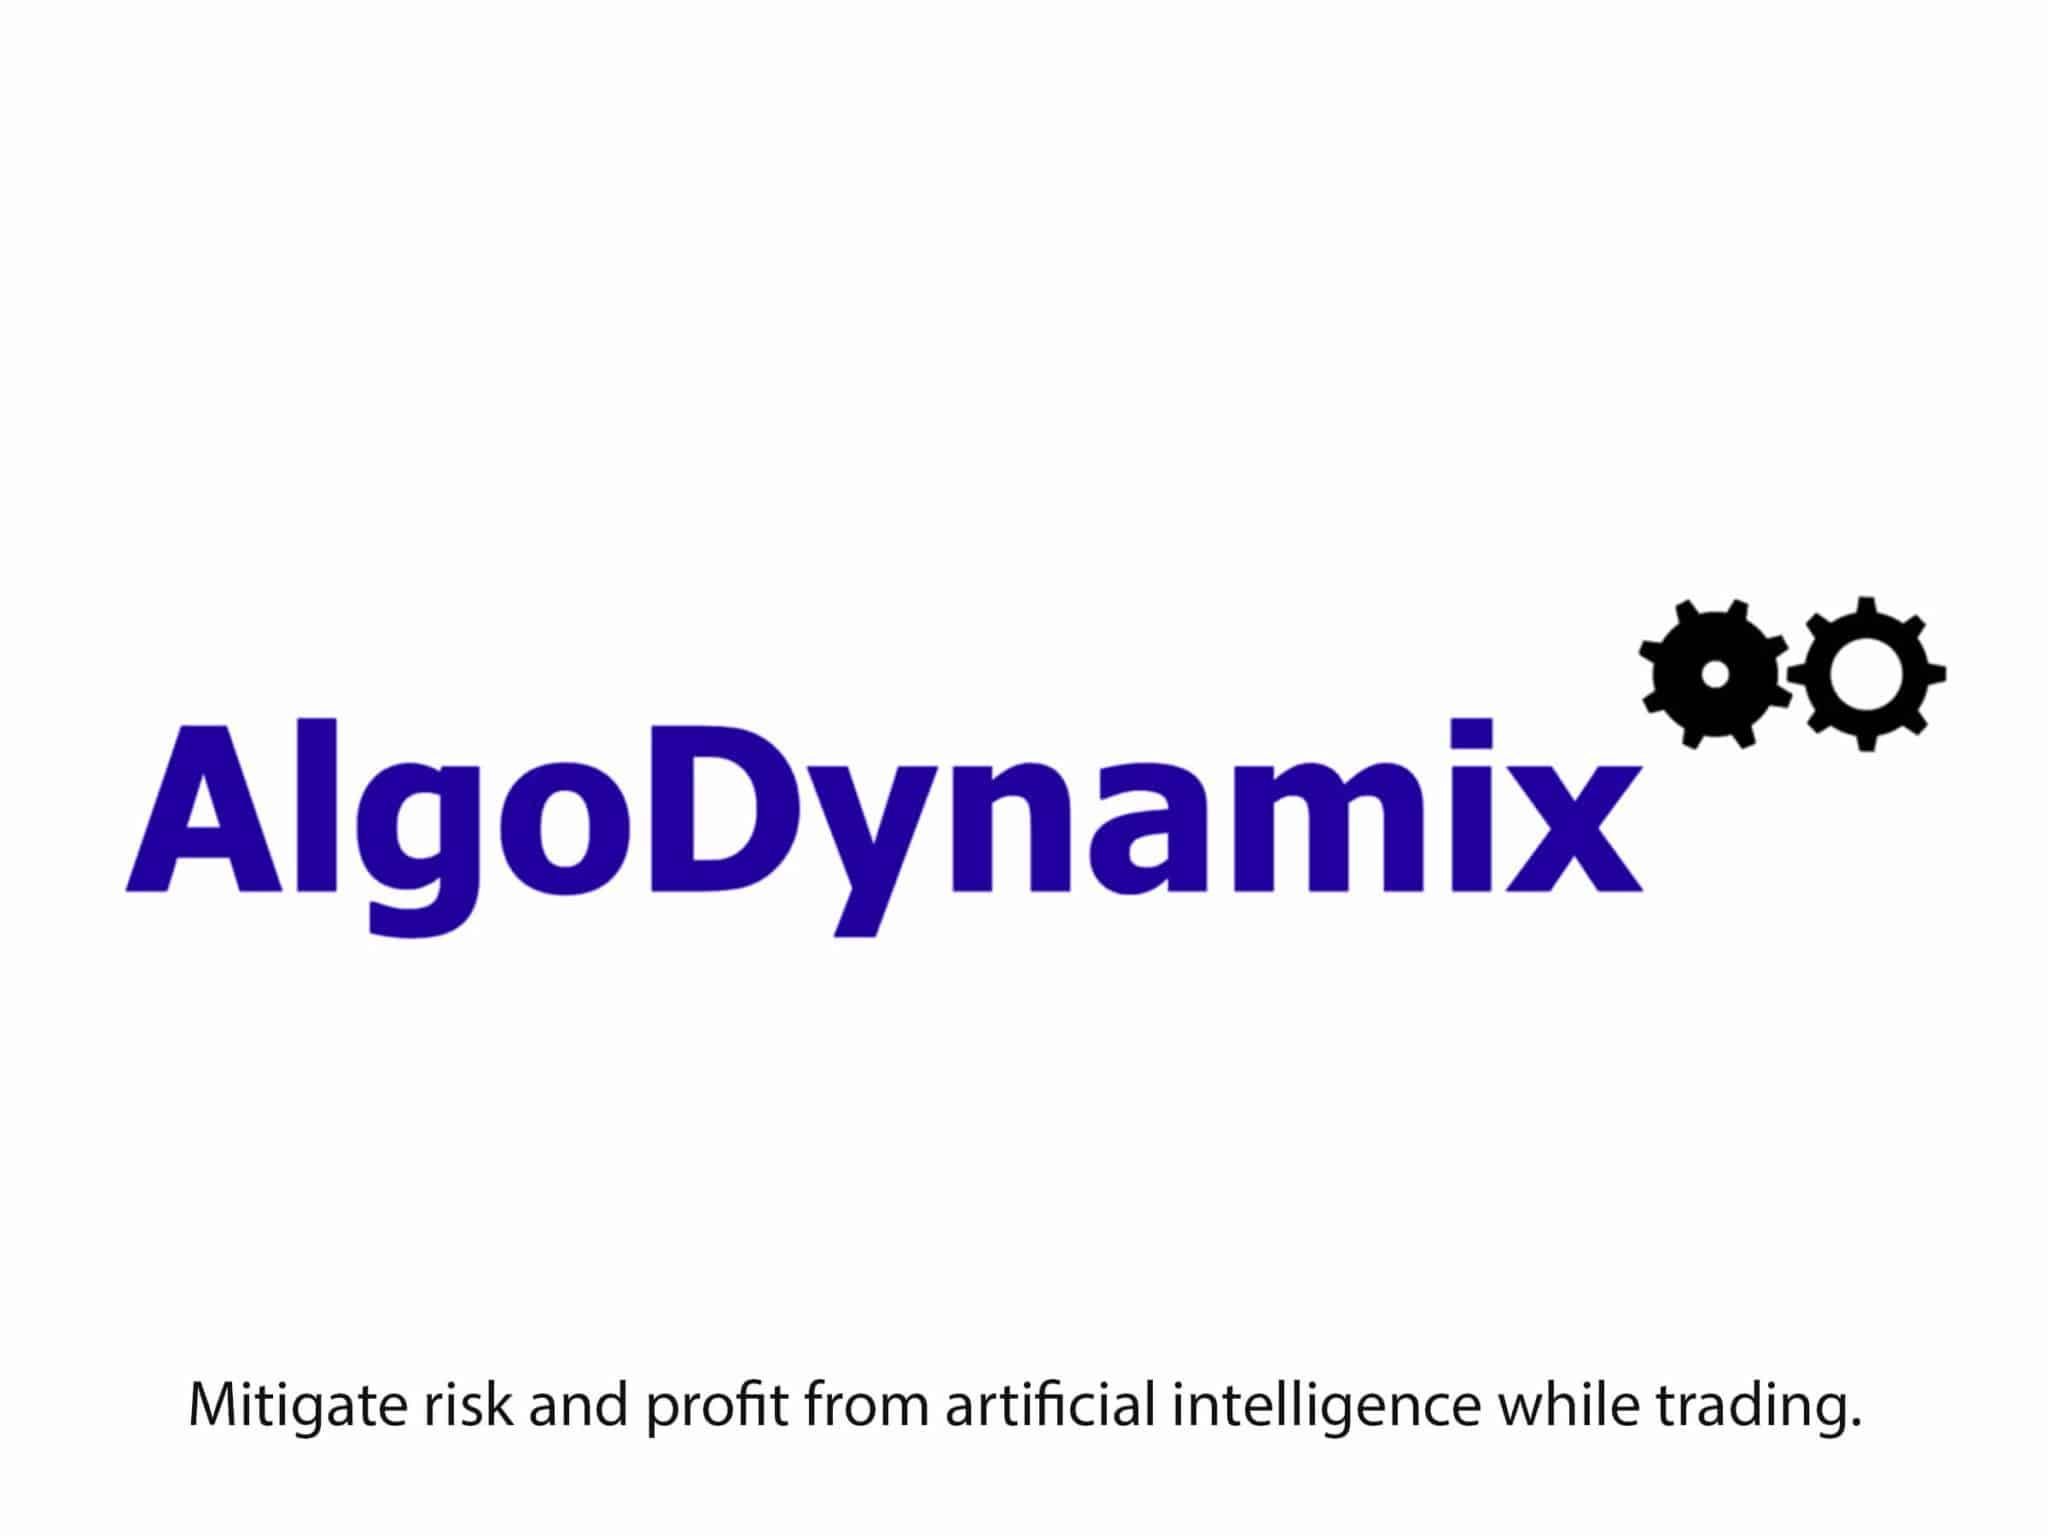 algo-dynamix-logo